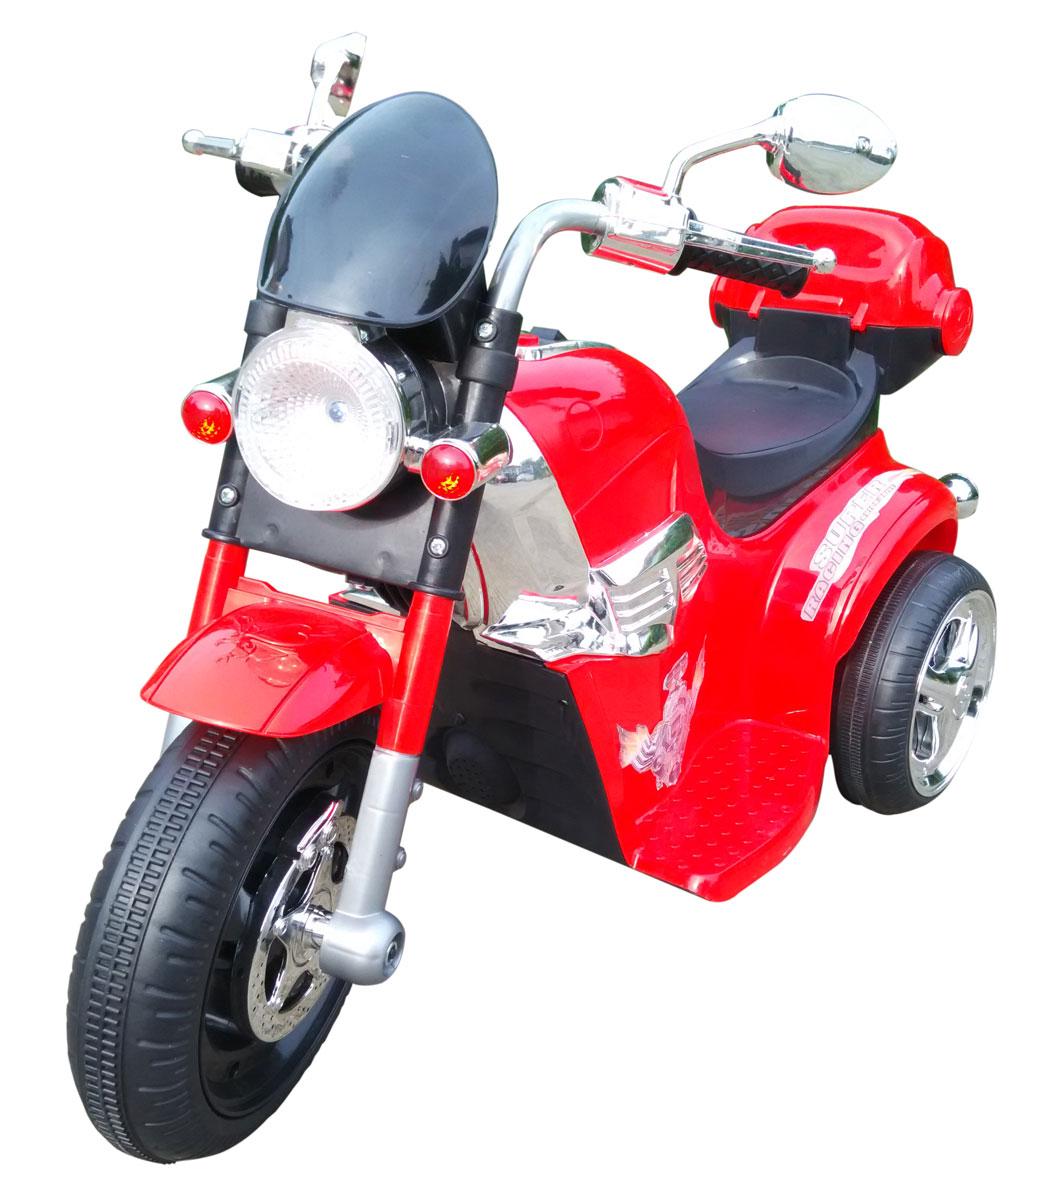 1TOY Мотоцикл аккумуляторный цвет красный черный -  Электромобили